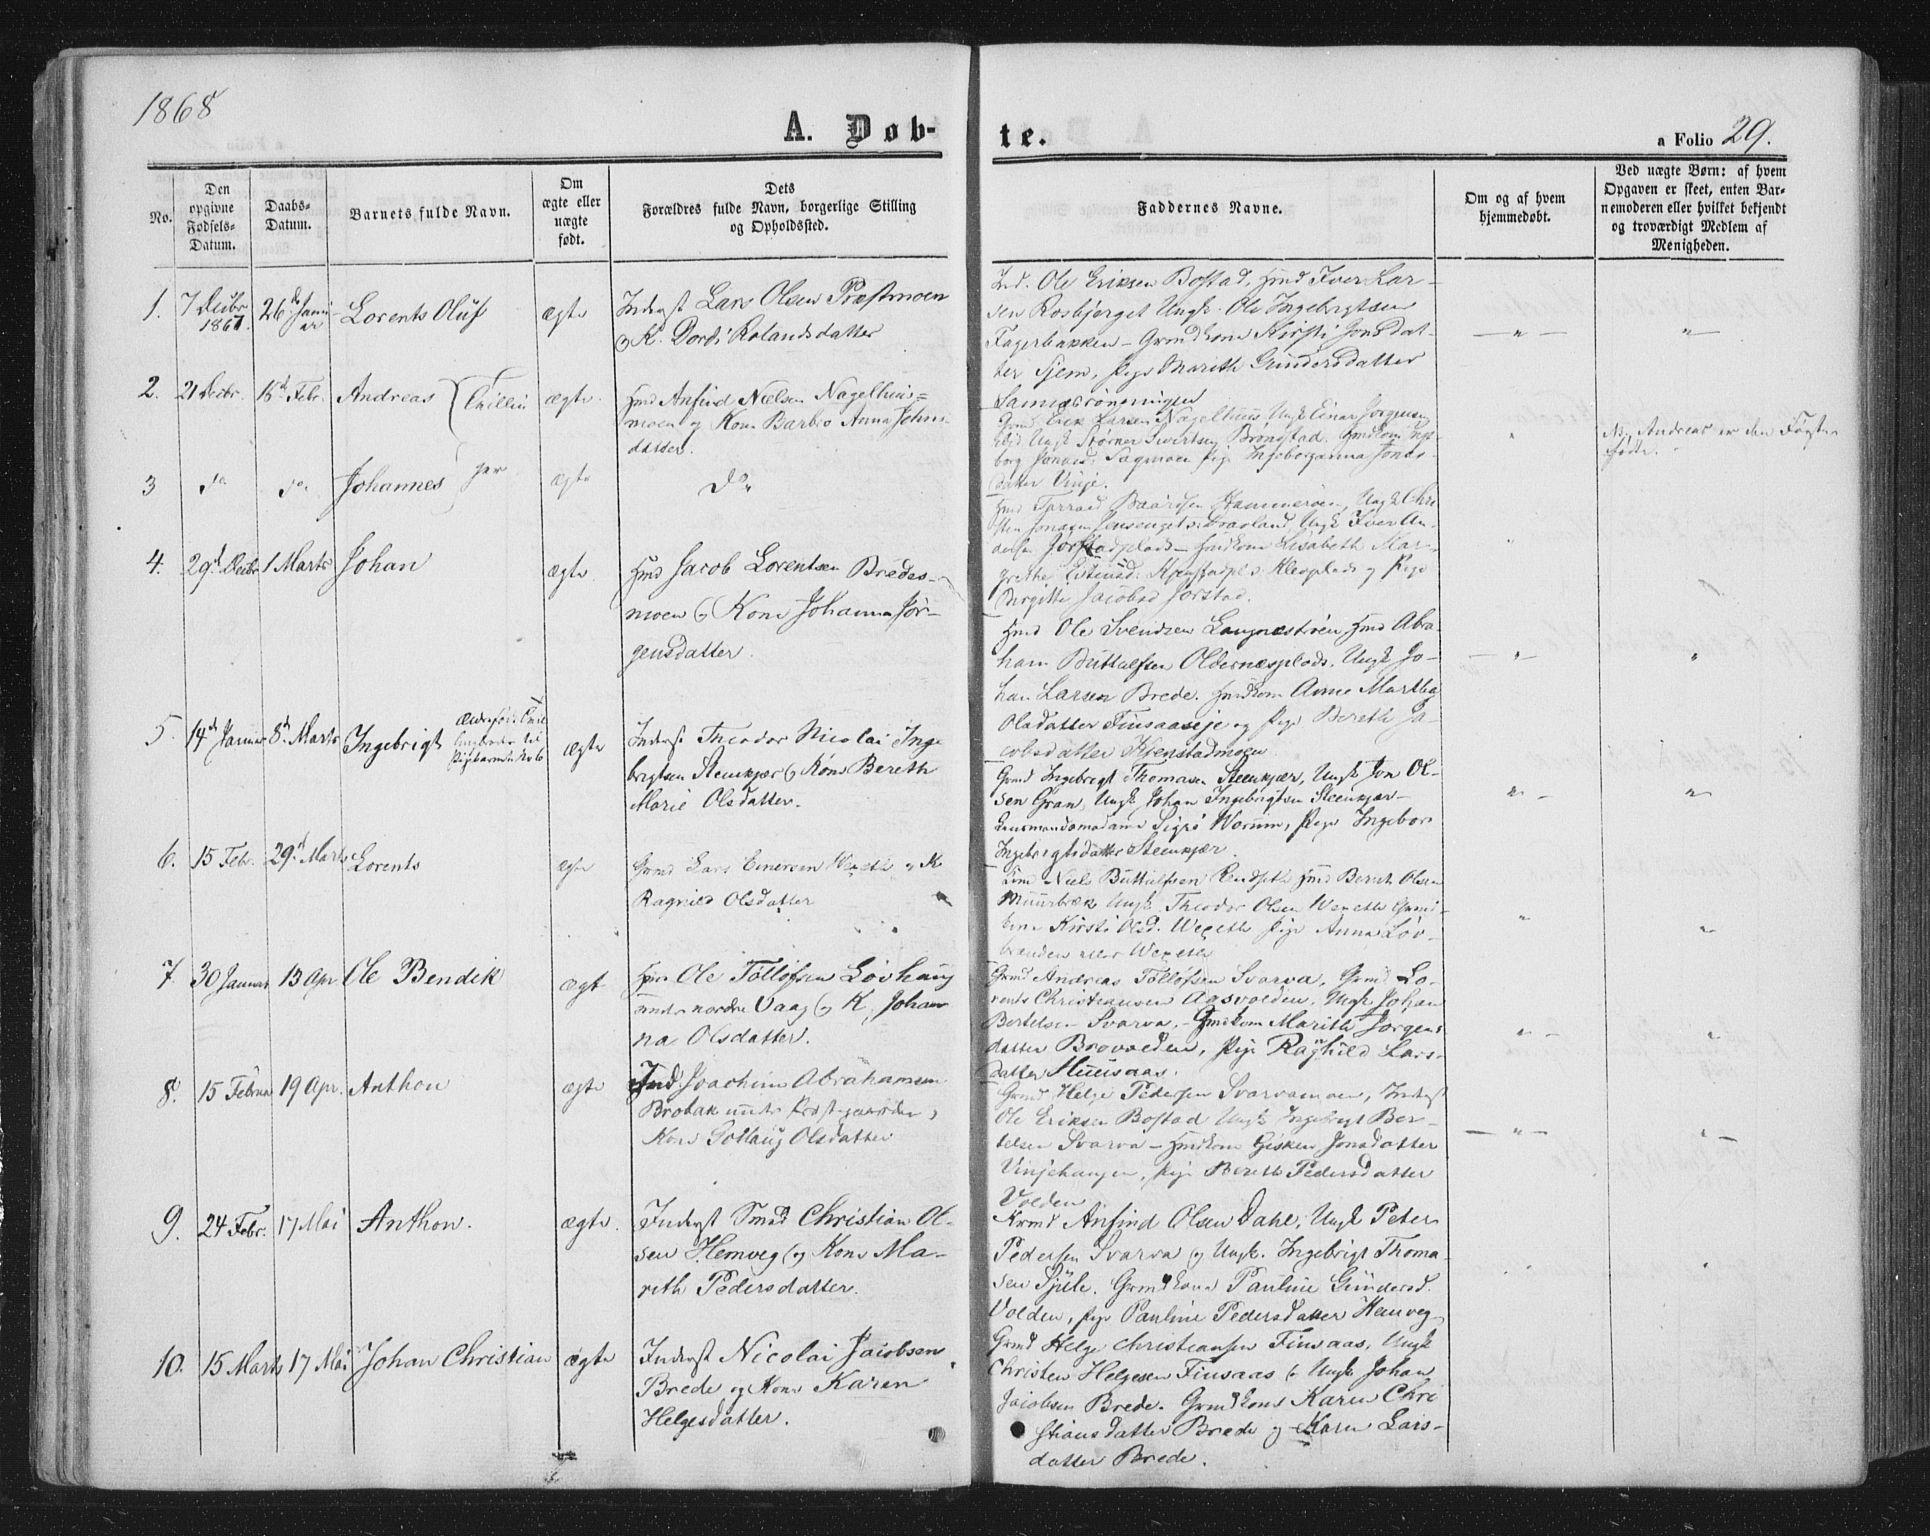 SAT, Ministerialprotokoller, klokkerbøker og fødselsregistre - Nord-Trøndelag, 749/L0472: Ministerialbok nr. 749A06, 1857-1873, s. 29